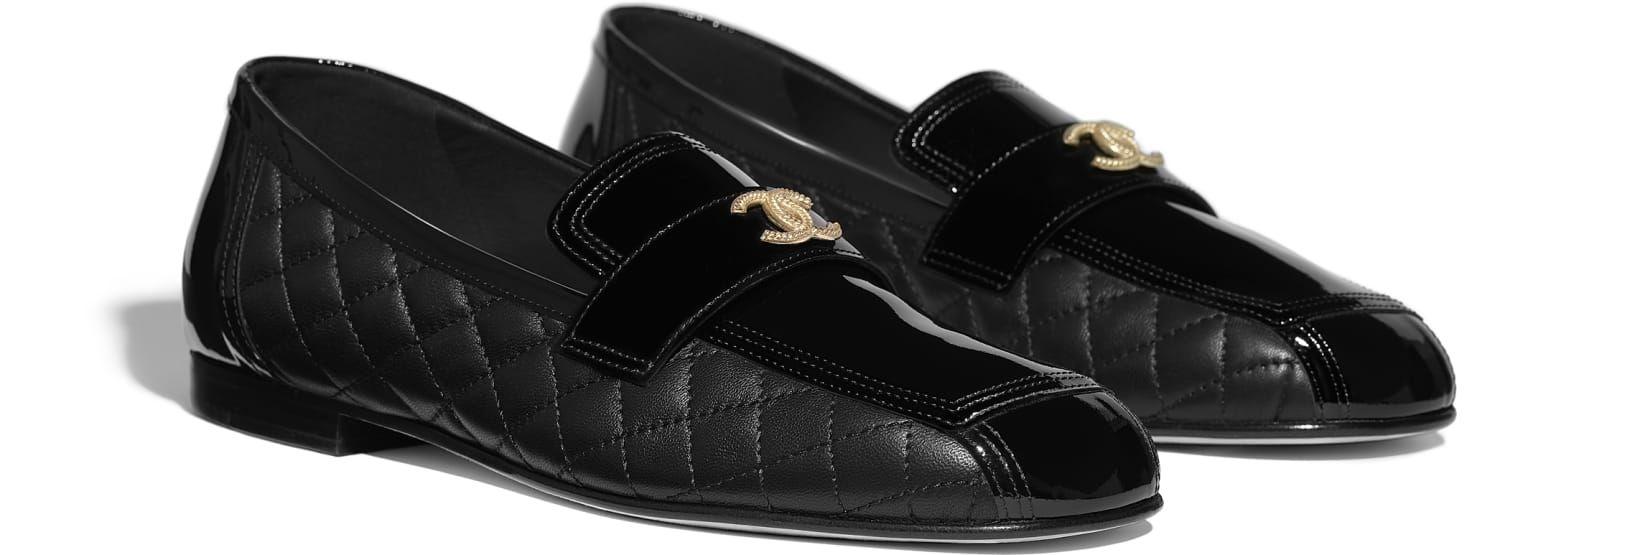 9eaf59aaf8a Loafers